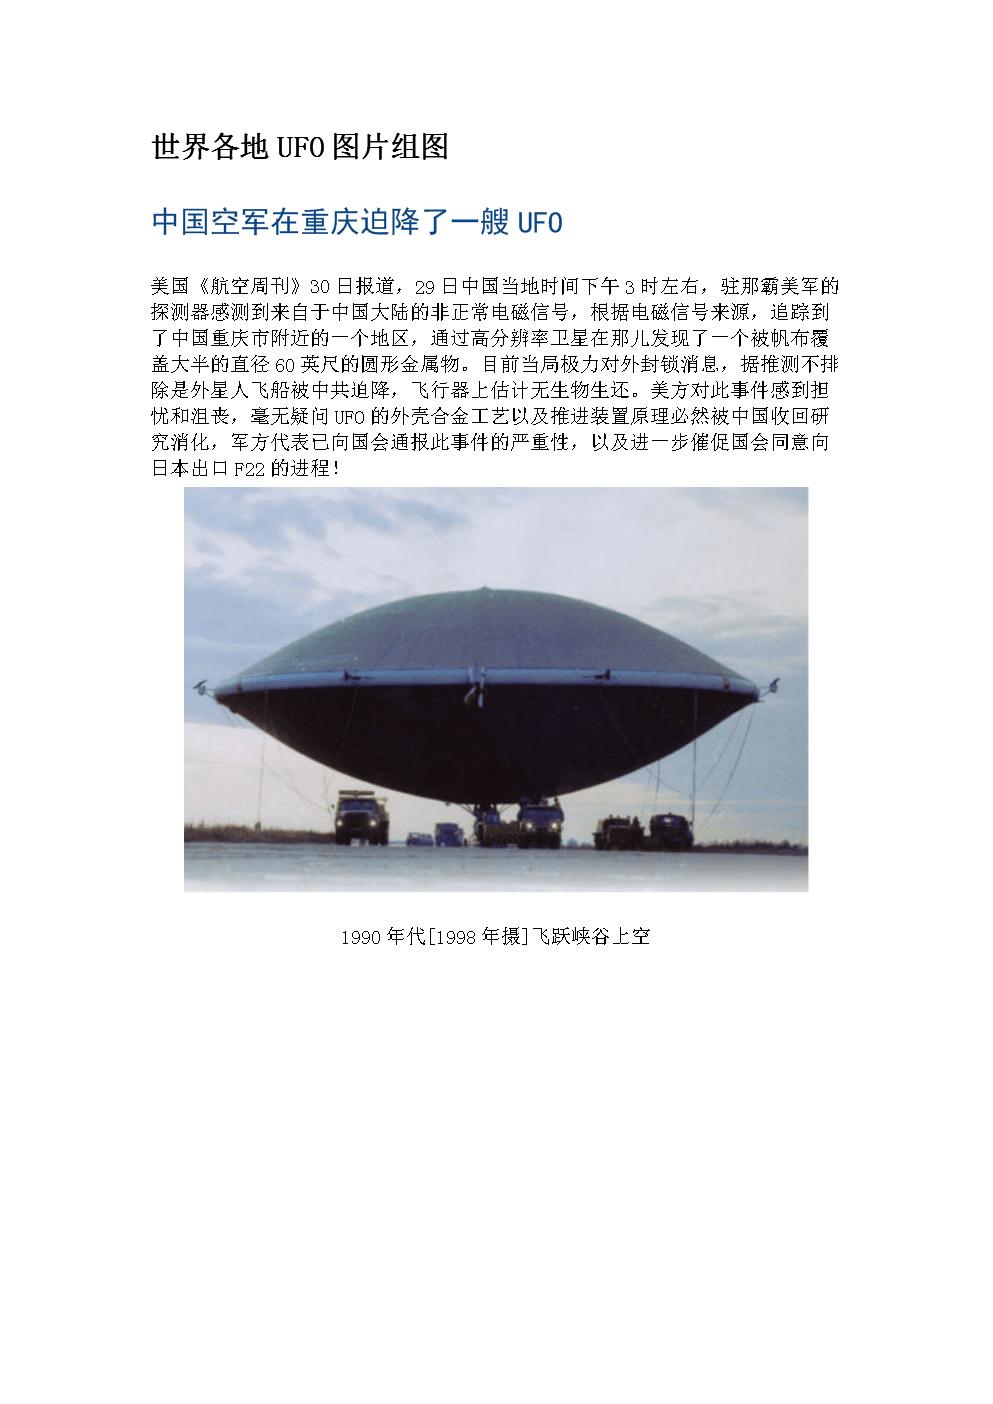 世界各地UFO图片组图.doc